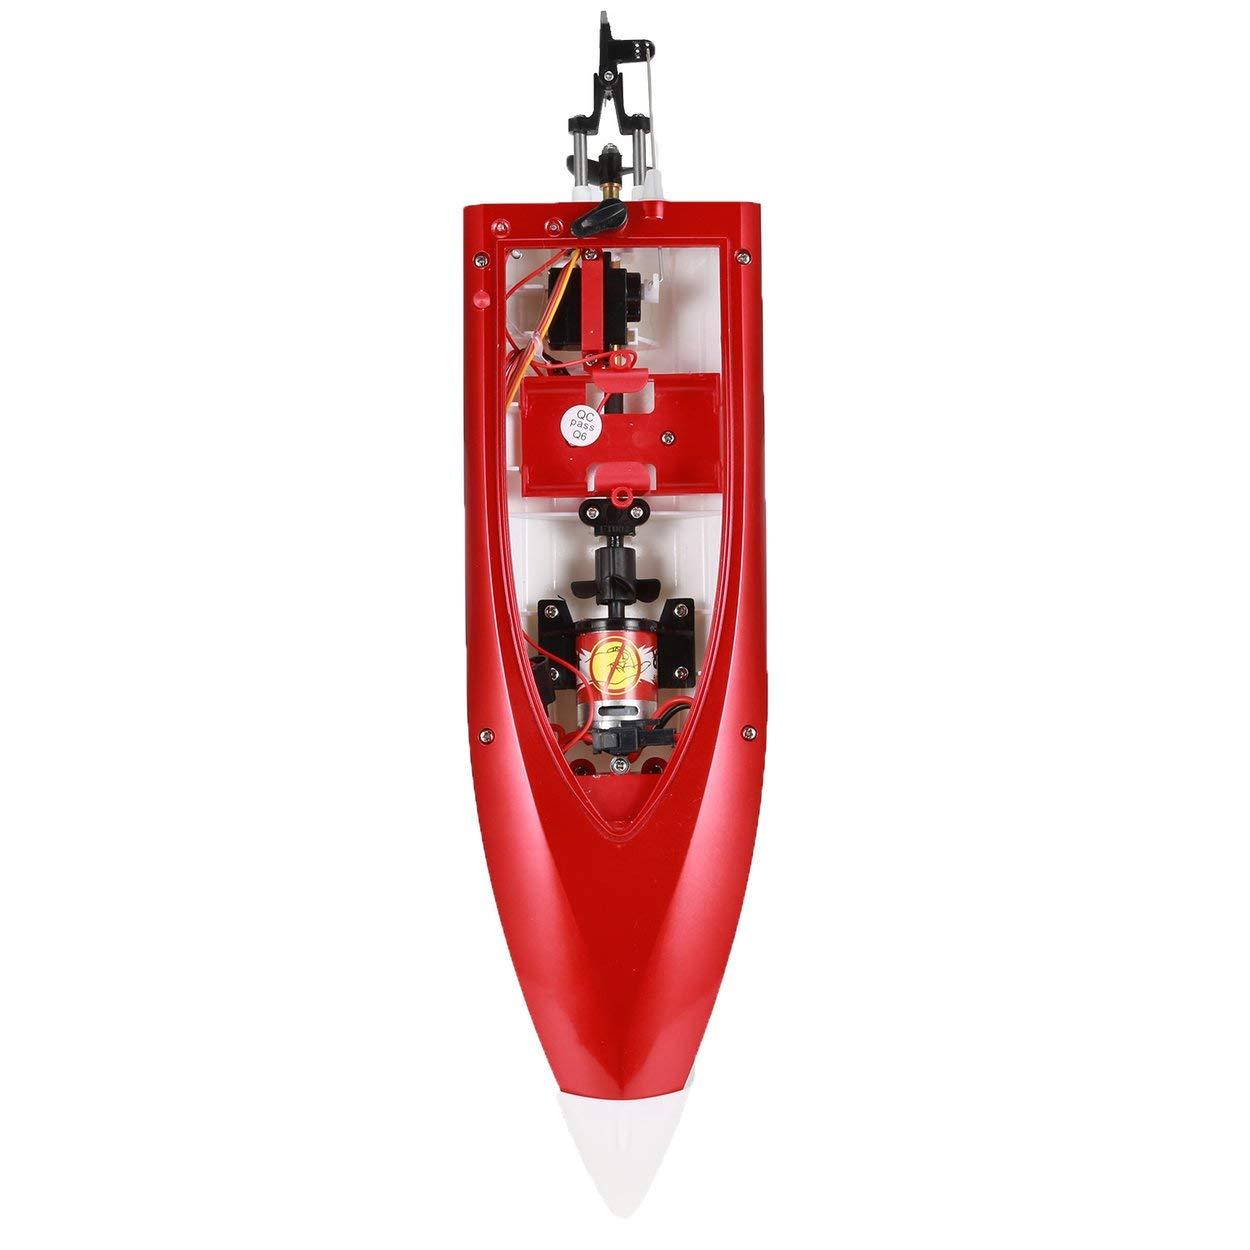 Lorenlli pour FT007 2.4G 4CH Refroidisseur deau Bateau De Course RC 20km h Super Vitesse /Électrique Bateau RC Jouet T/él/écommande Bateaux